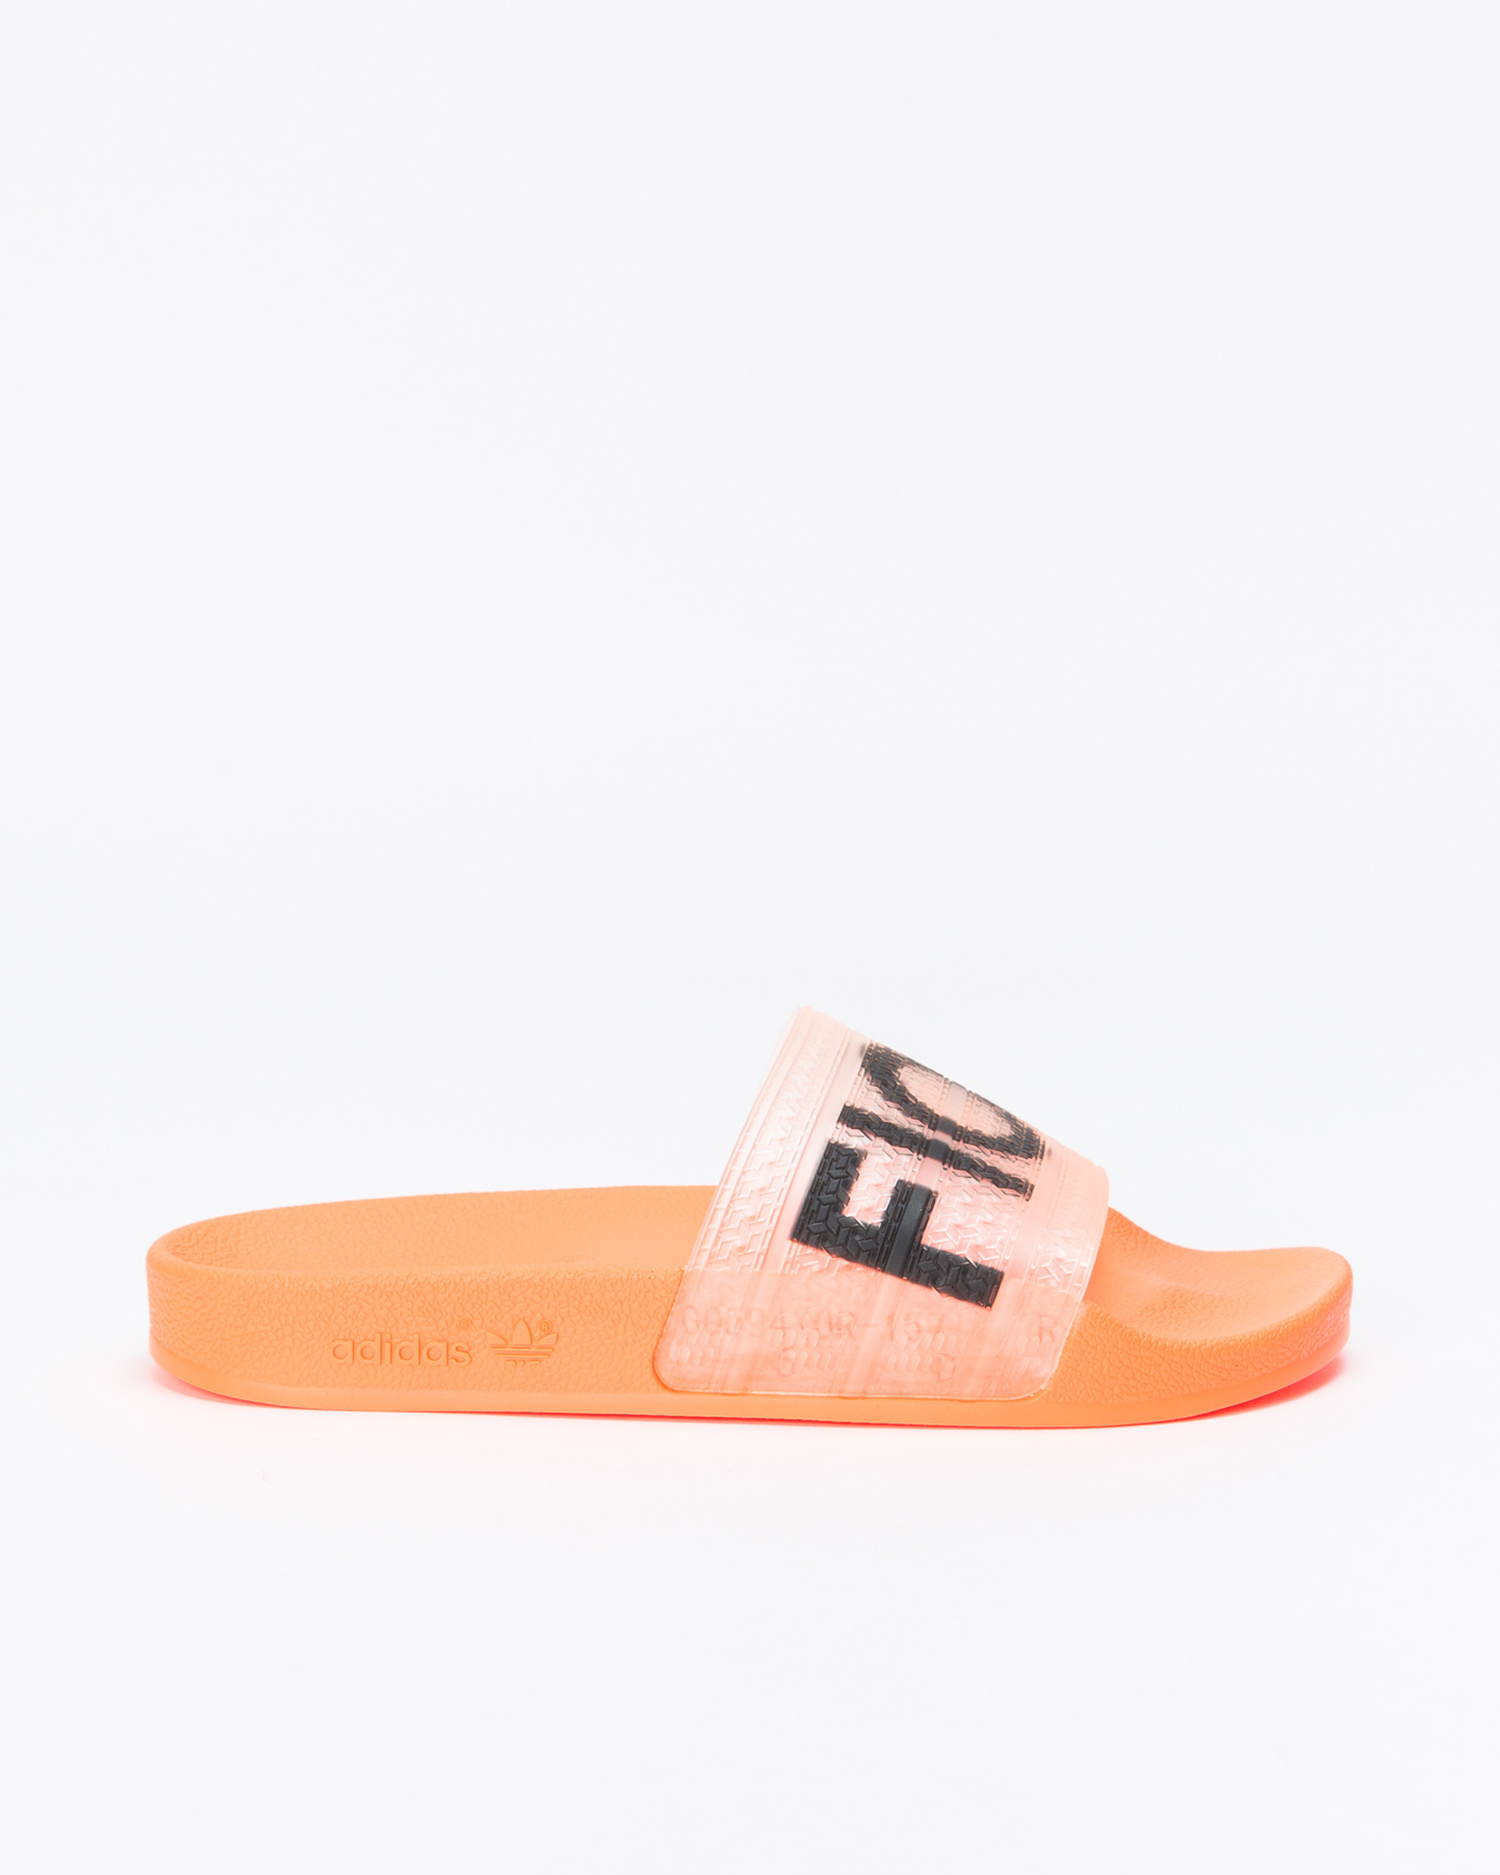 adidas x Fiorucci Adilette Solar Orange/Solar Gold/Black/Red